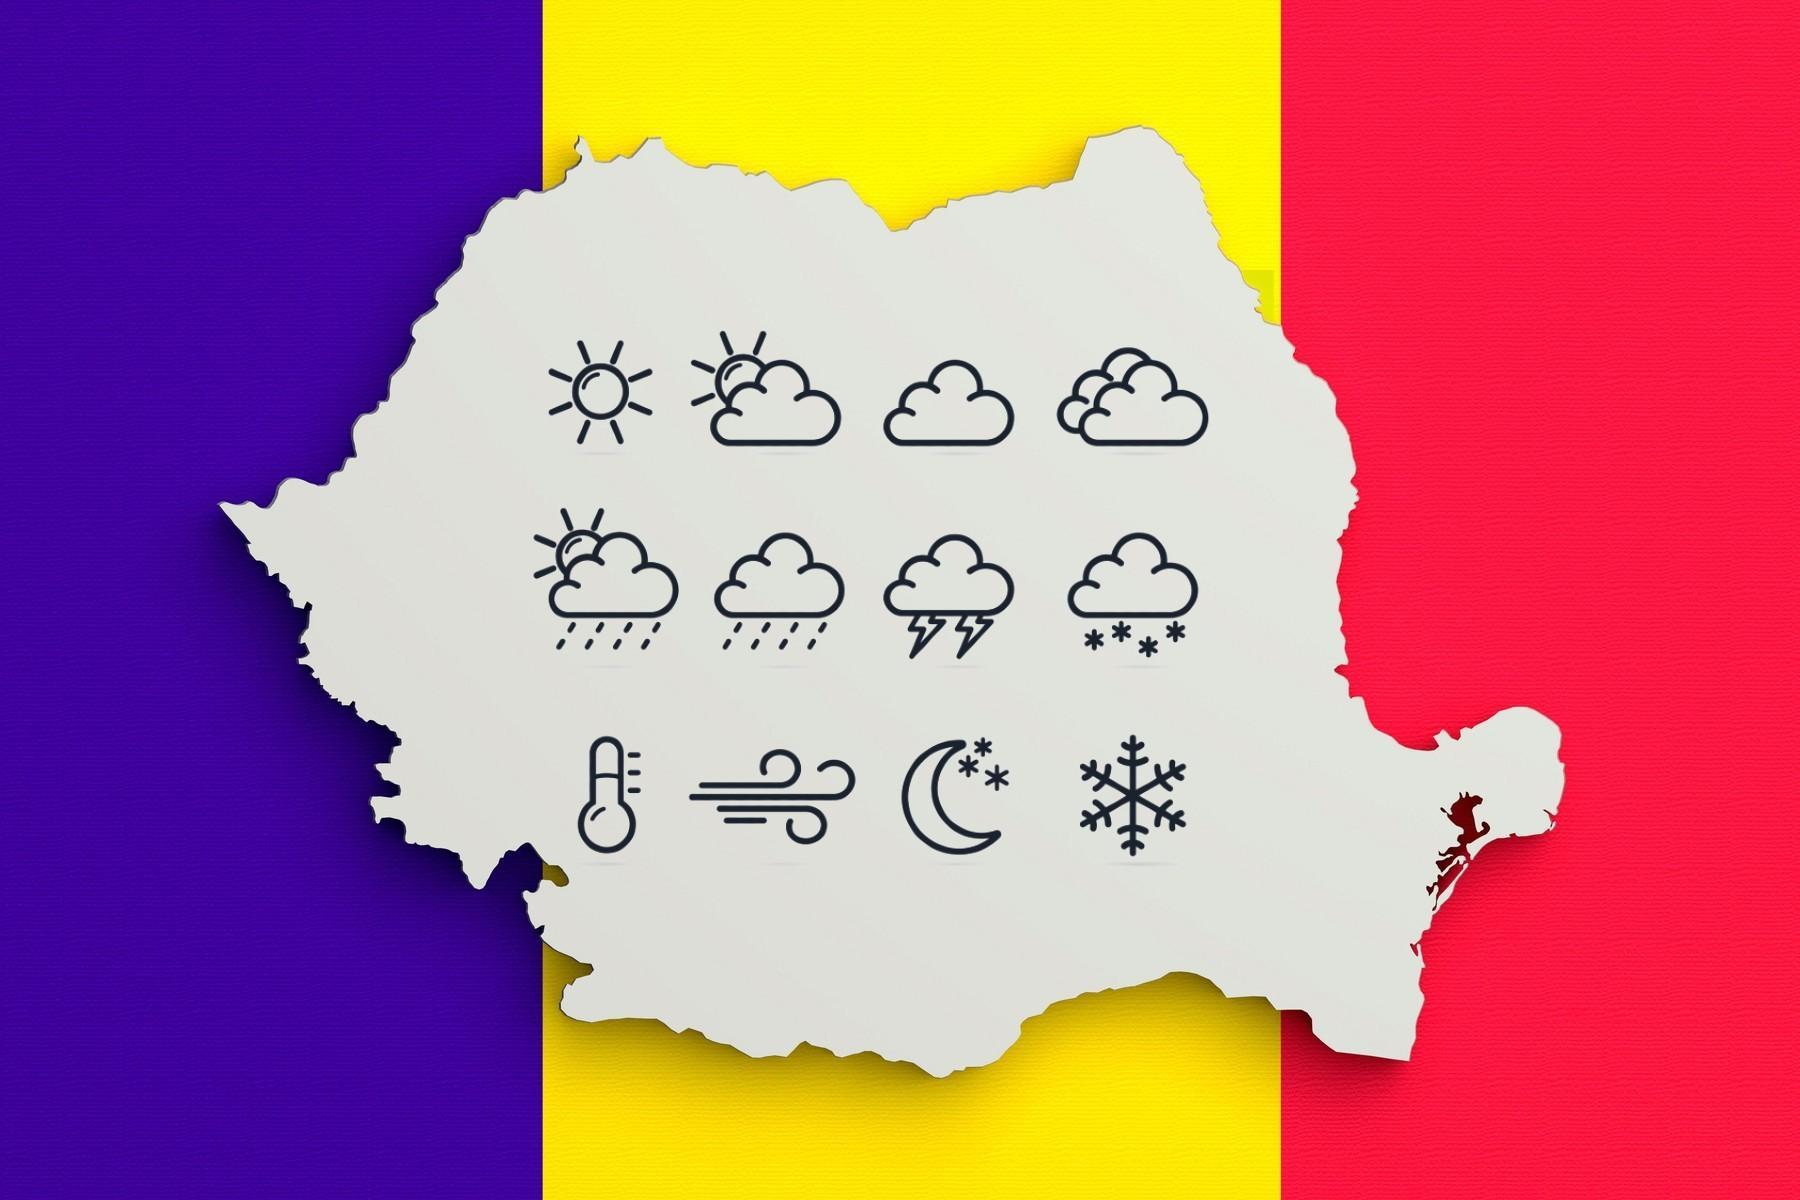 Prognoza Meteo, 3 aprilie 2021. Cum va fi vremea în România și care sunt previziunile ANM pentru astăzi